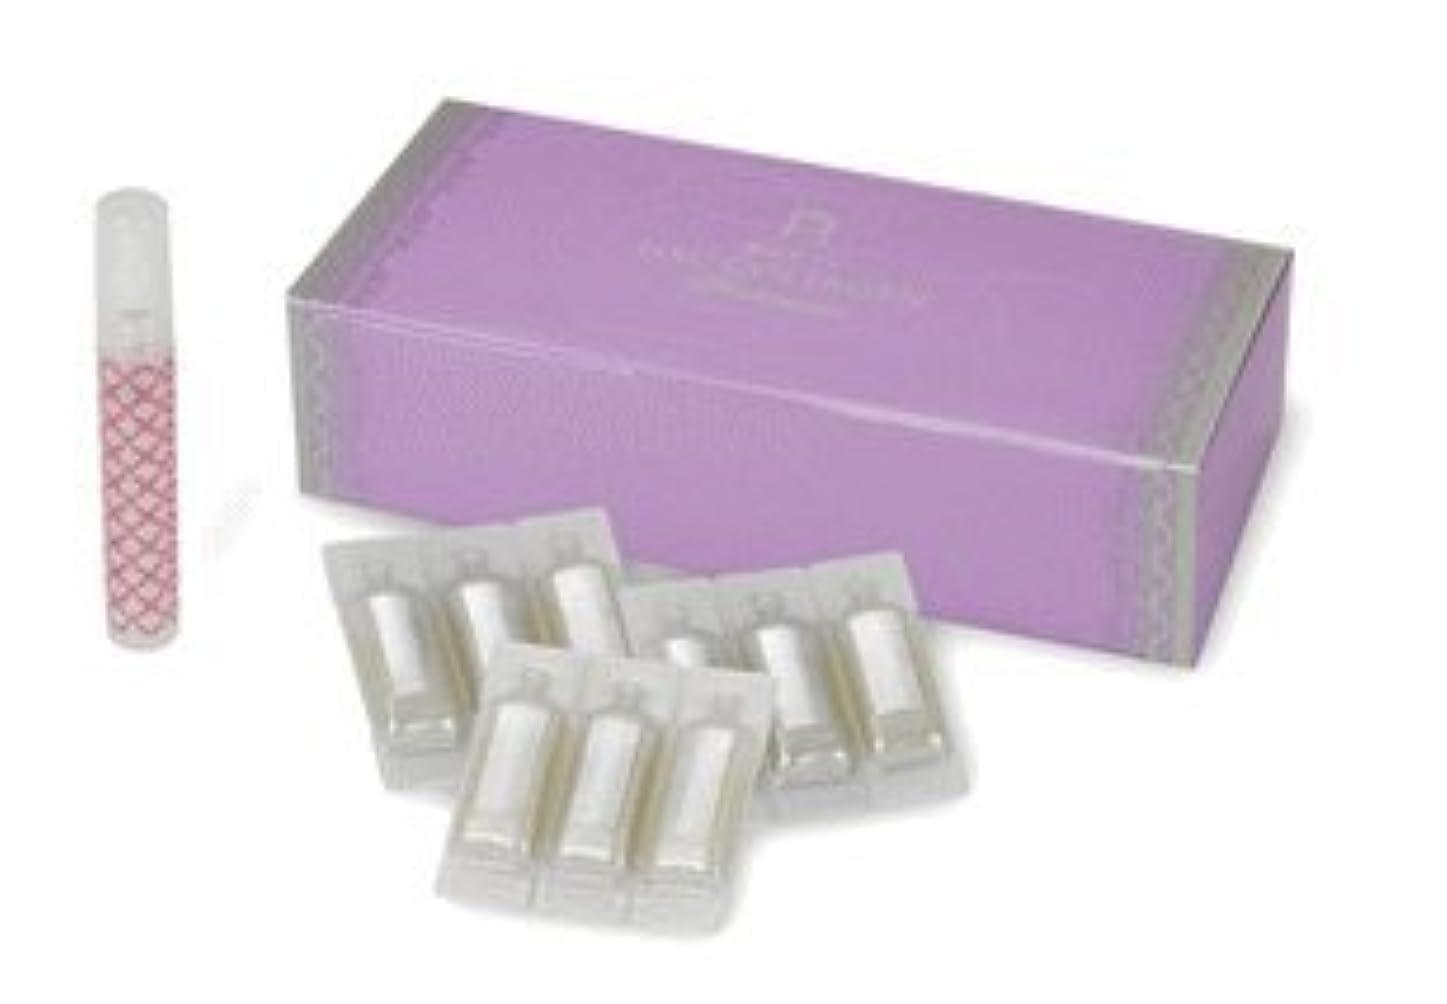 分数入手します匹敵しますアリミノ 塗るサプリ HSCコラーゲンプラチナム 5ml×18本入 入浴剤セット